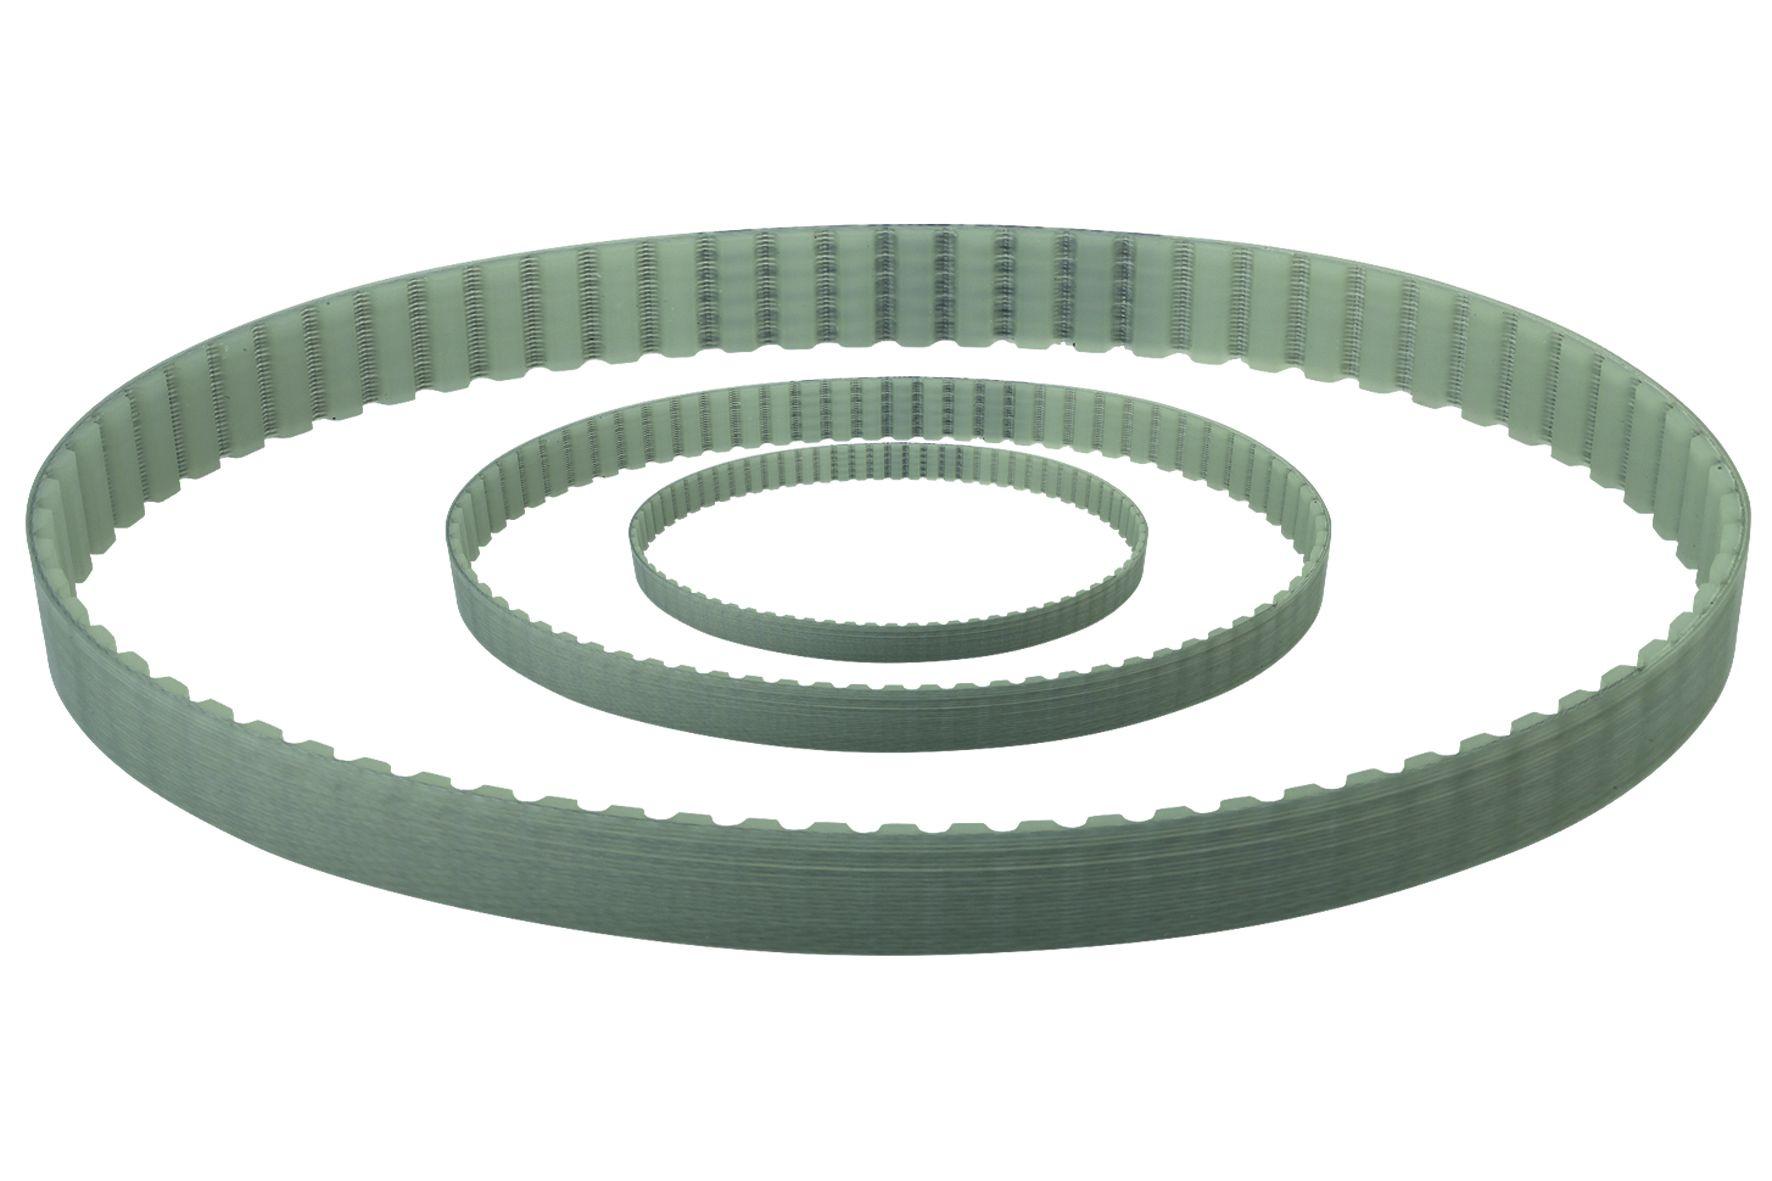 Werkstoff: Polyurethan (PU) mit Stahlzugstrang. Temperaturbereich: -30°C bis +90°C - wartungsfrei - hohe Leistungsübertr